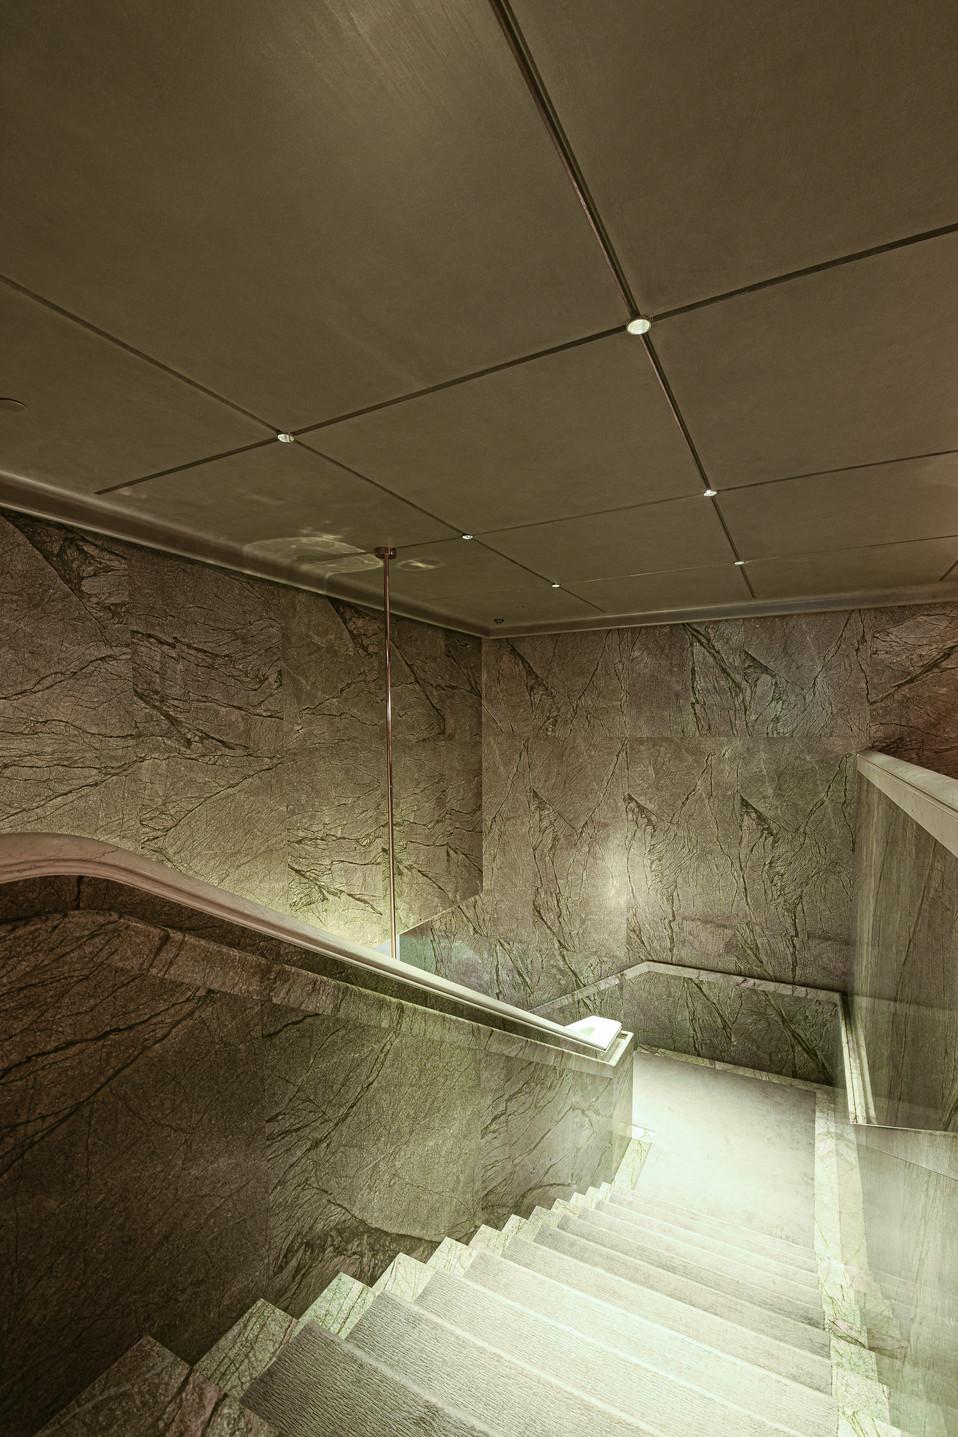 Interiors_Shun_Autumn-0801.JPG